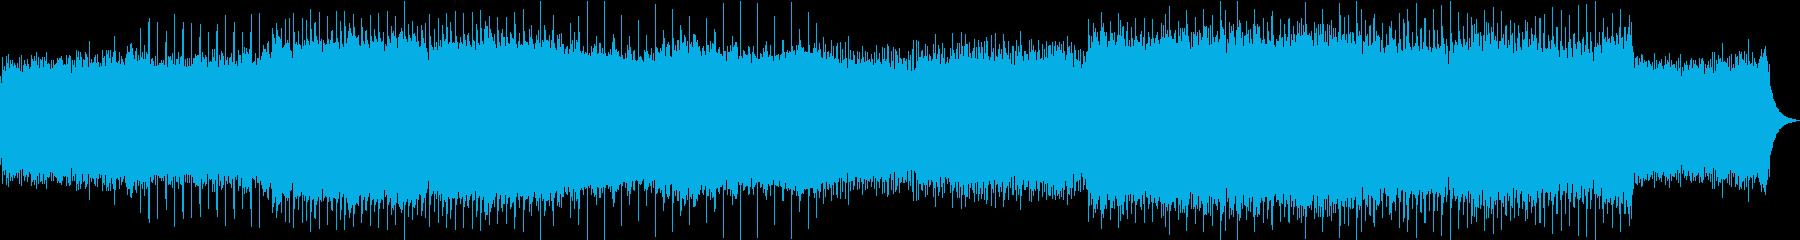 キラキラとして幻想的なポップスの再生済みの波形